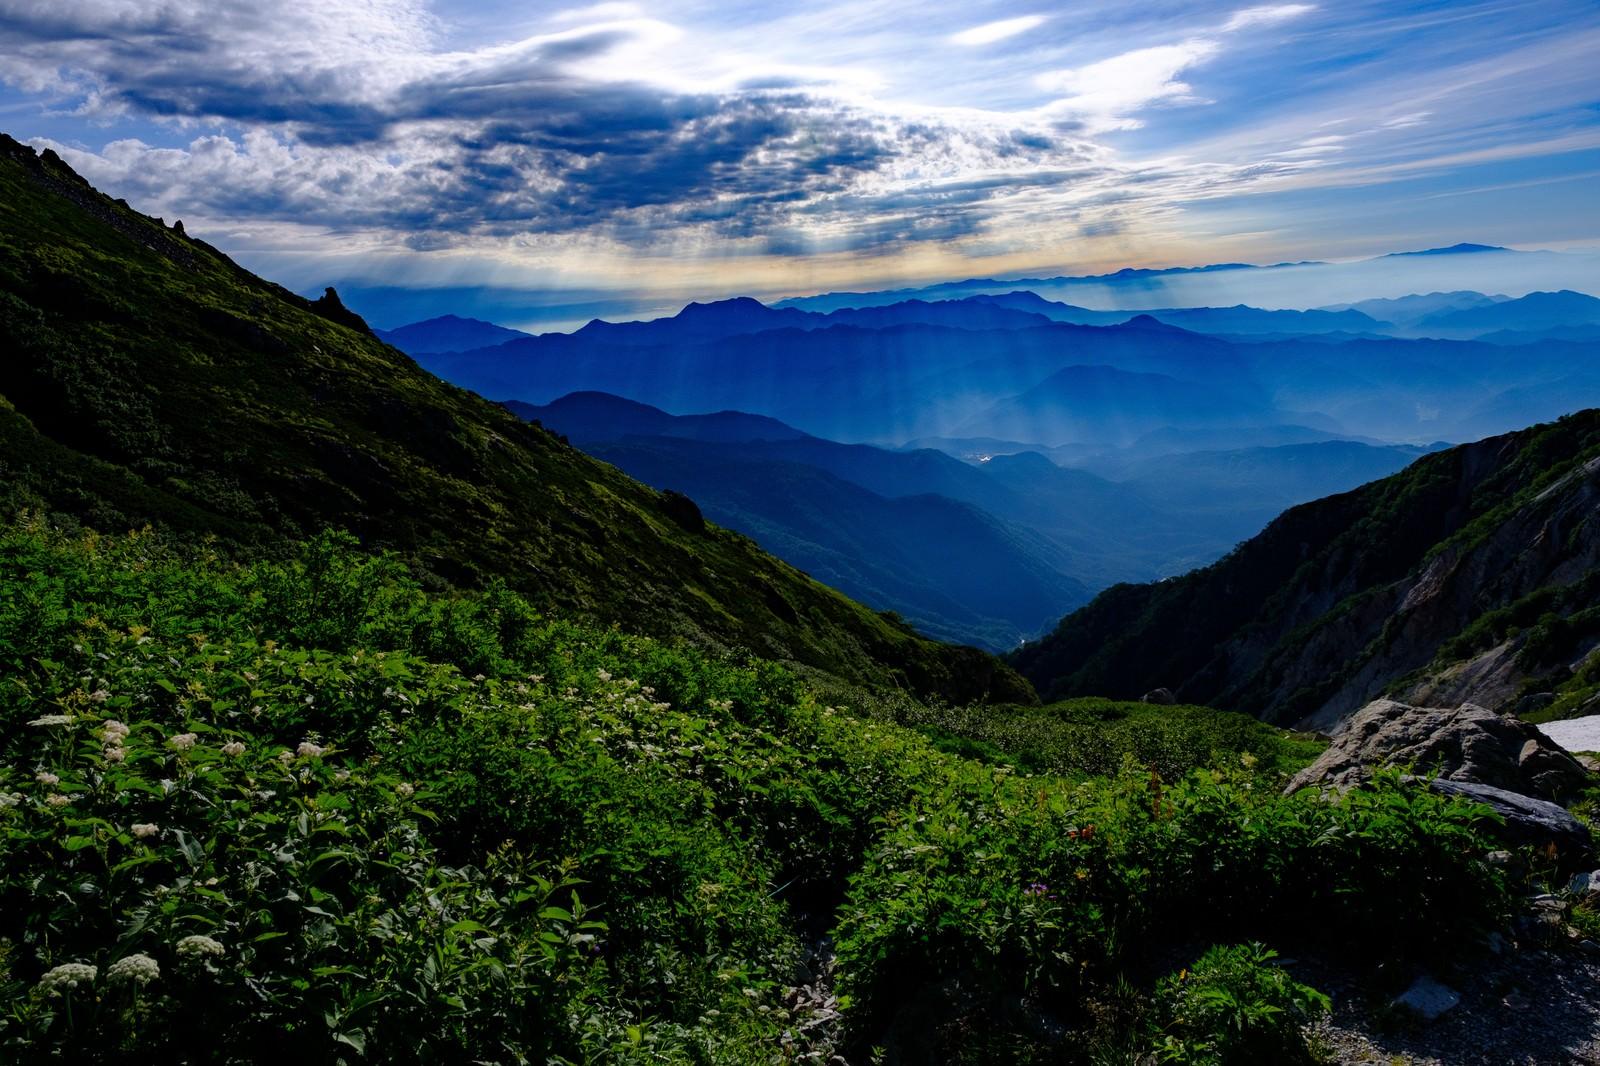 「白馬岳から望む雲間から伸びる光芒」の写真